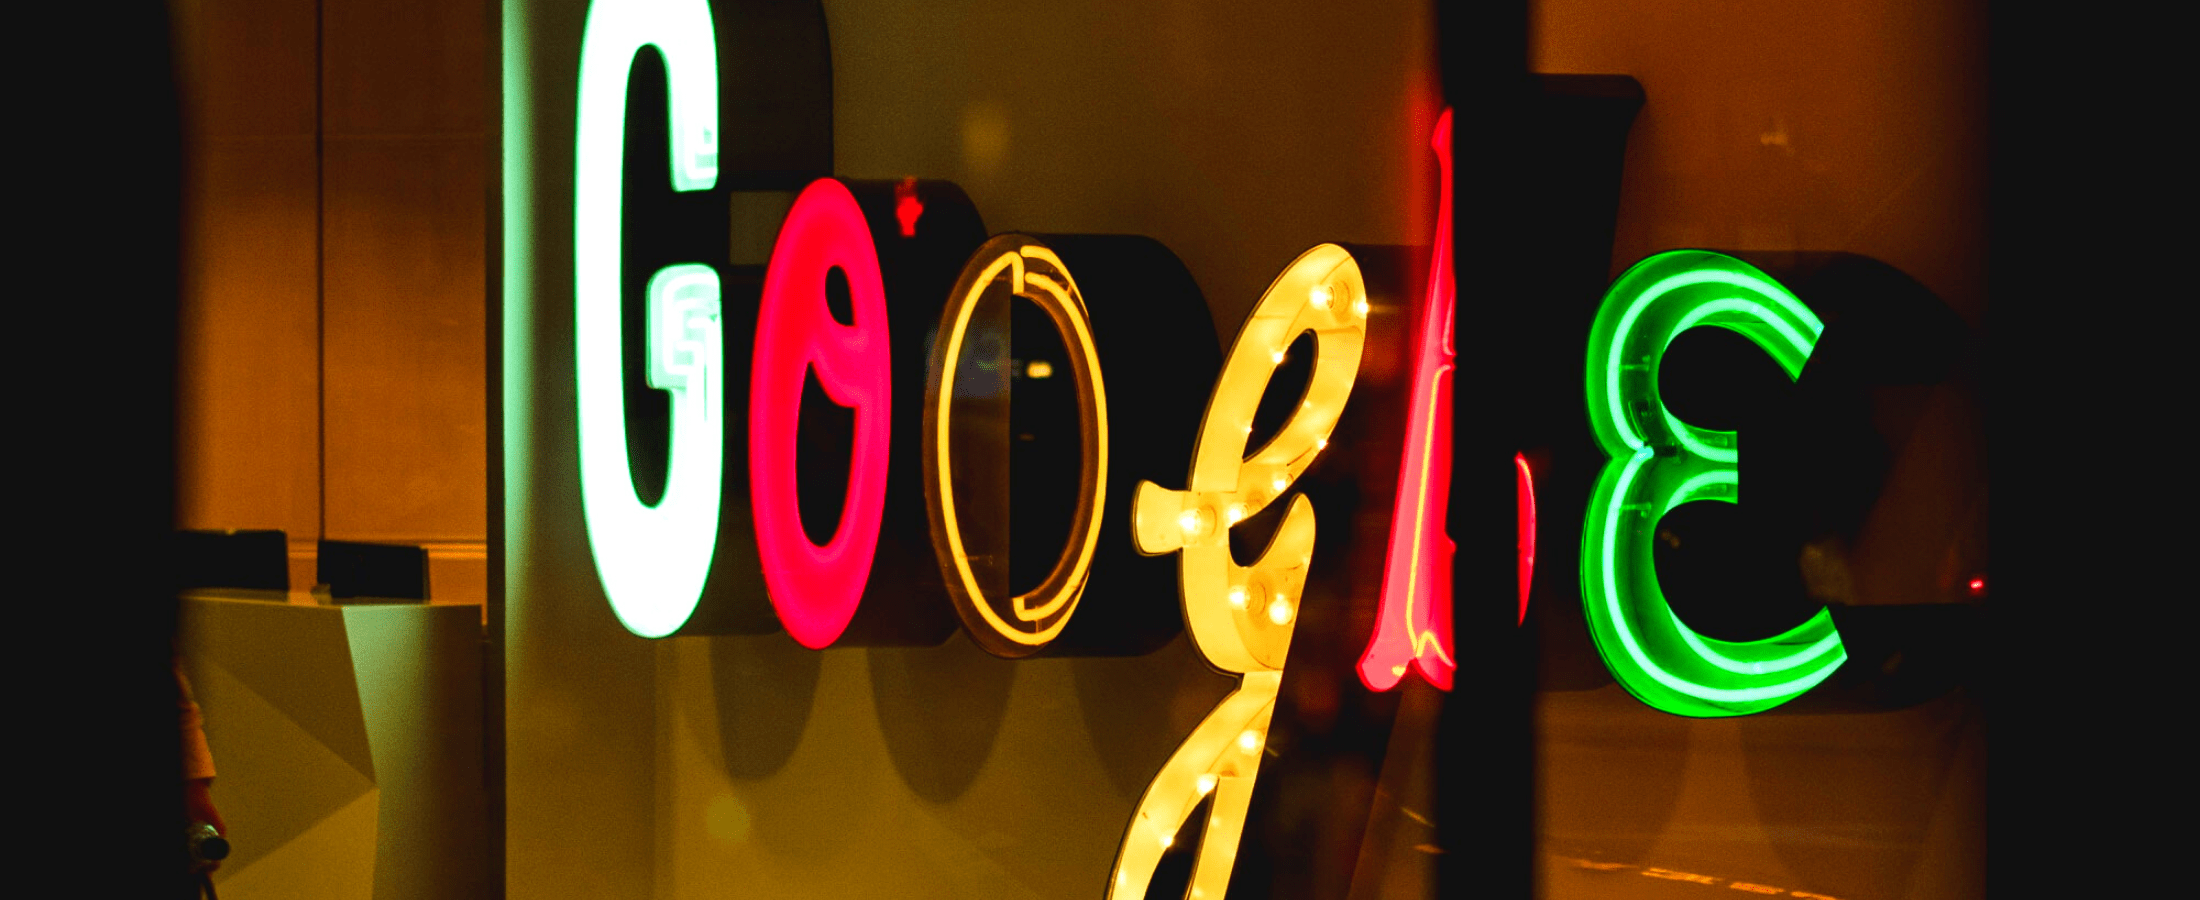 Quels sont les types d'annonces sur Google ?